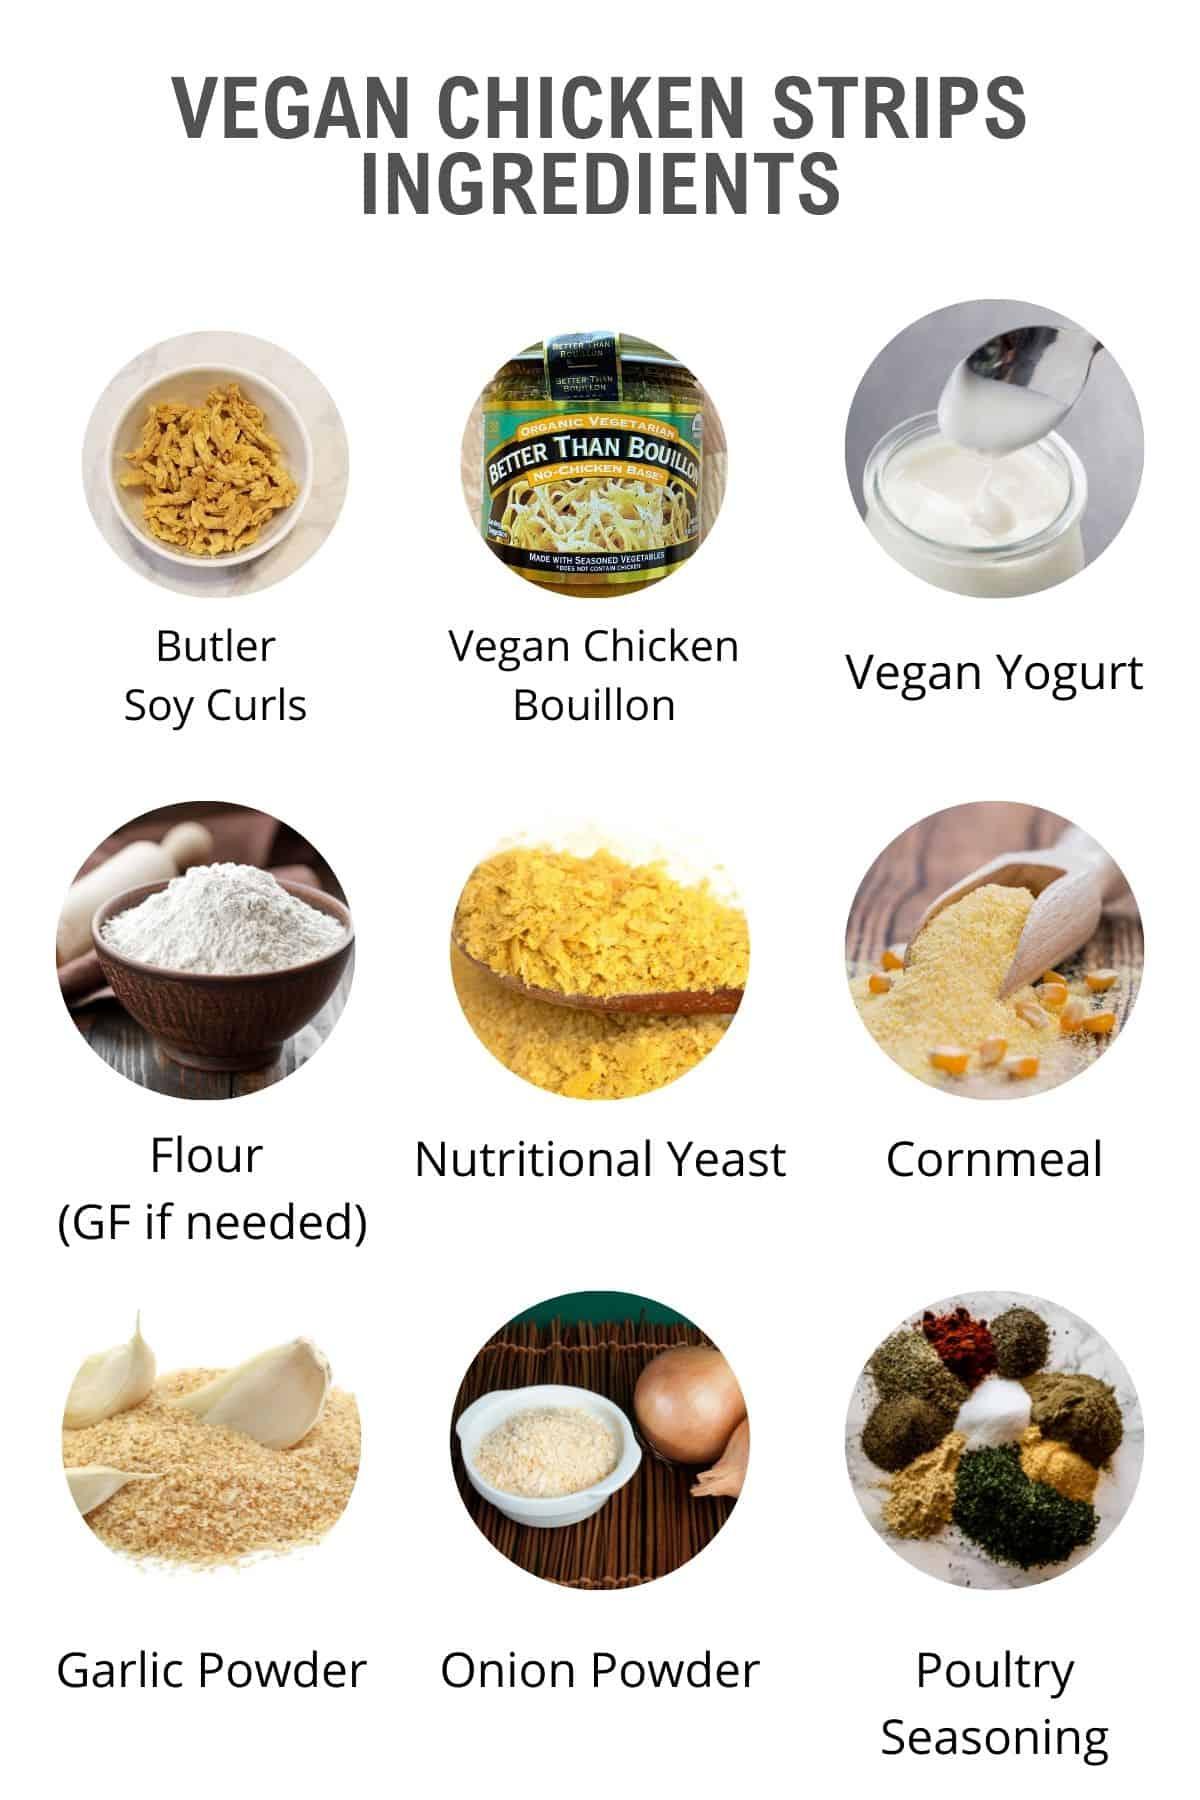 vegan chick'n ingredients